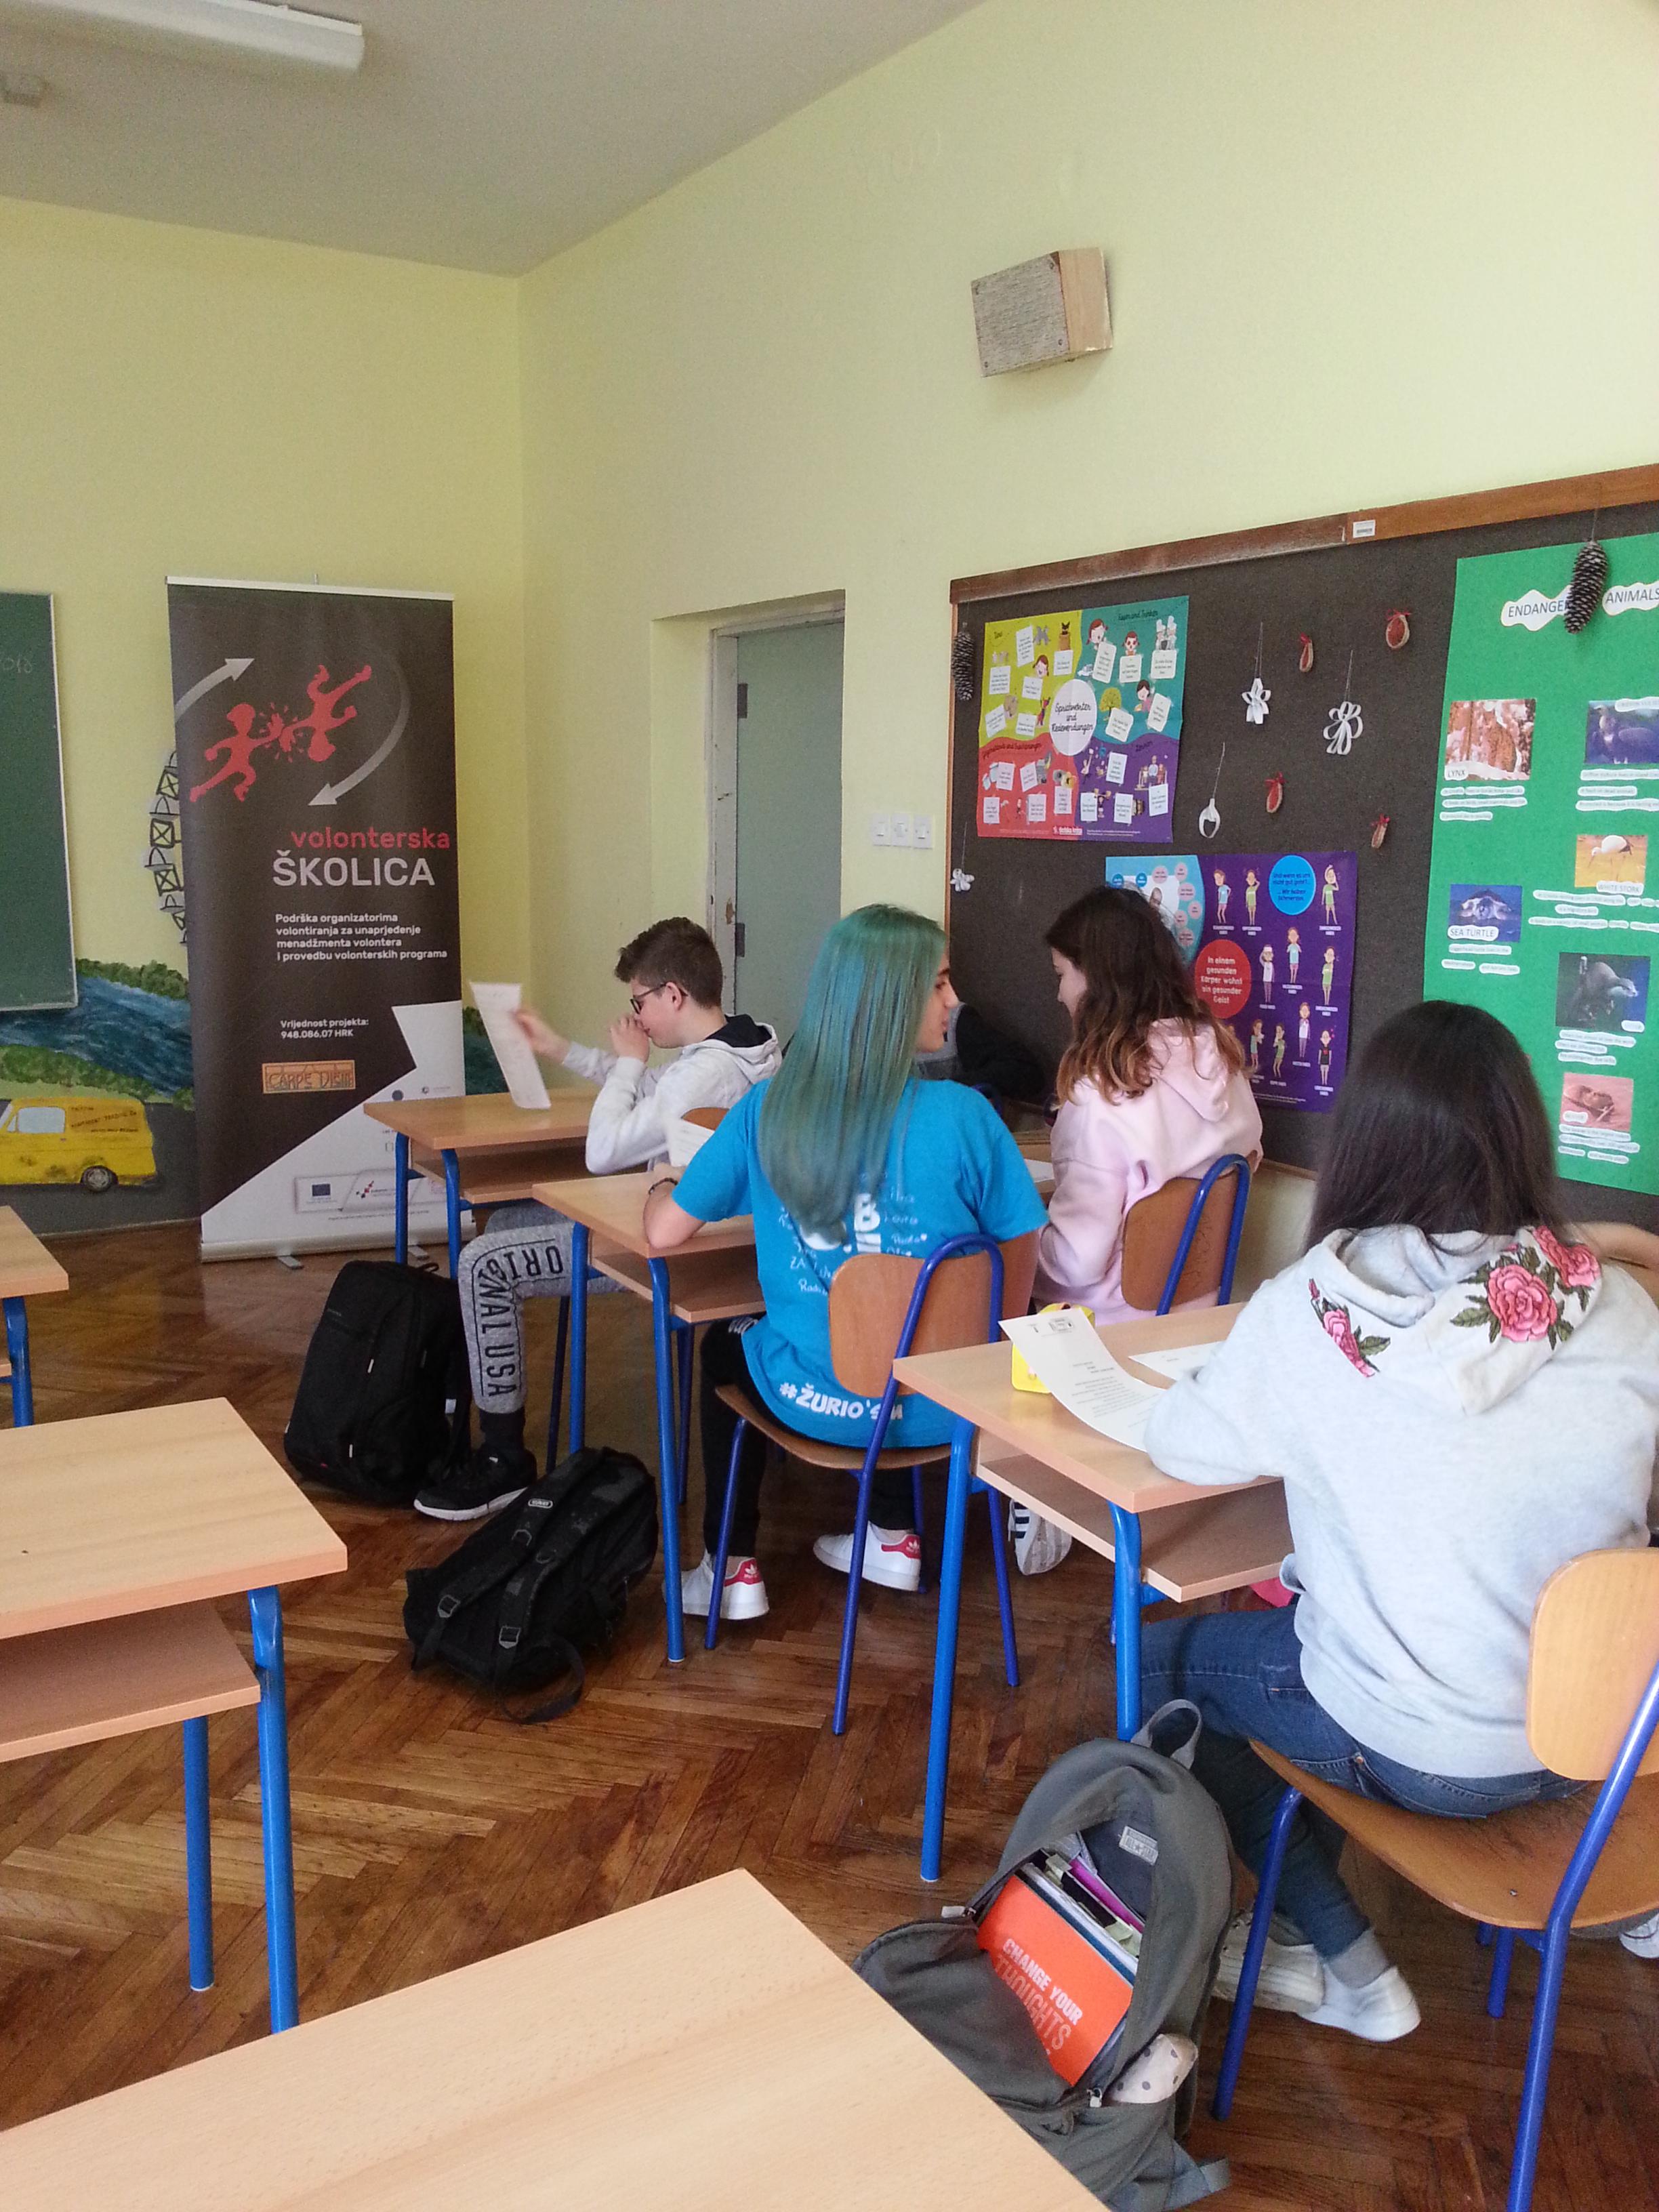 Provedena Analiza Potreba U Sklopu Projekta Volonterska Skolica